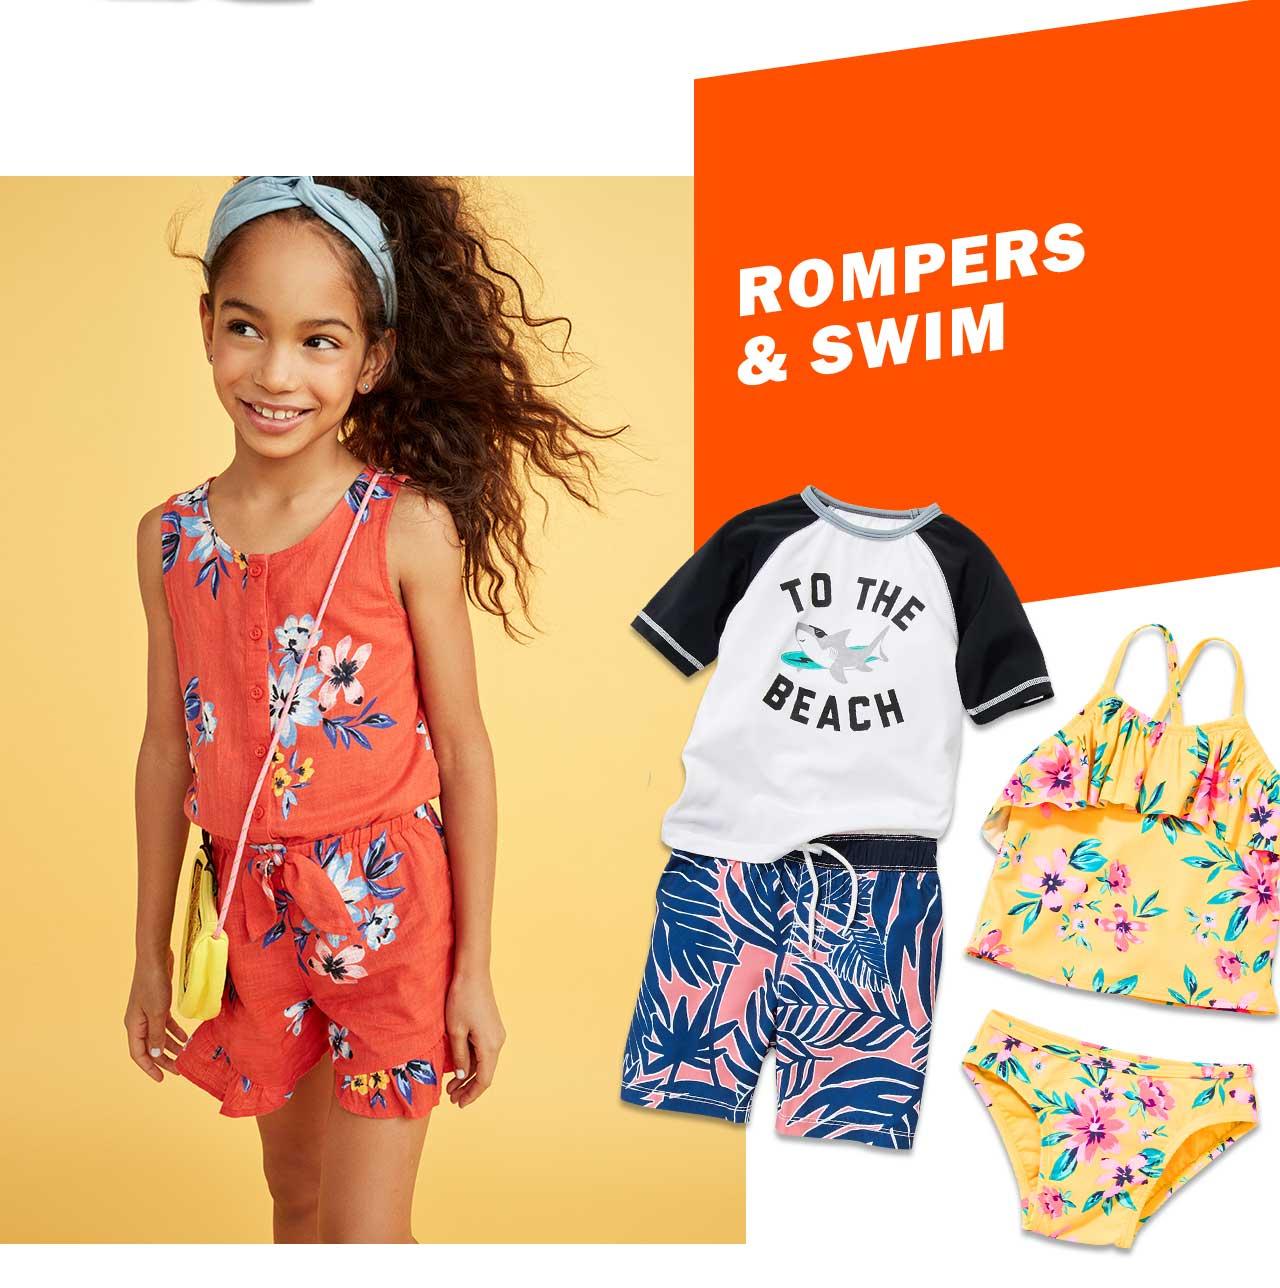 ROMPERS & SWIM